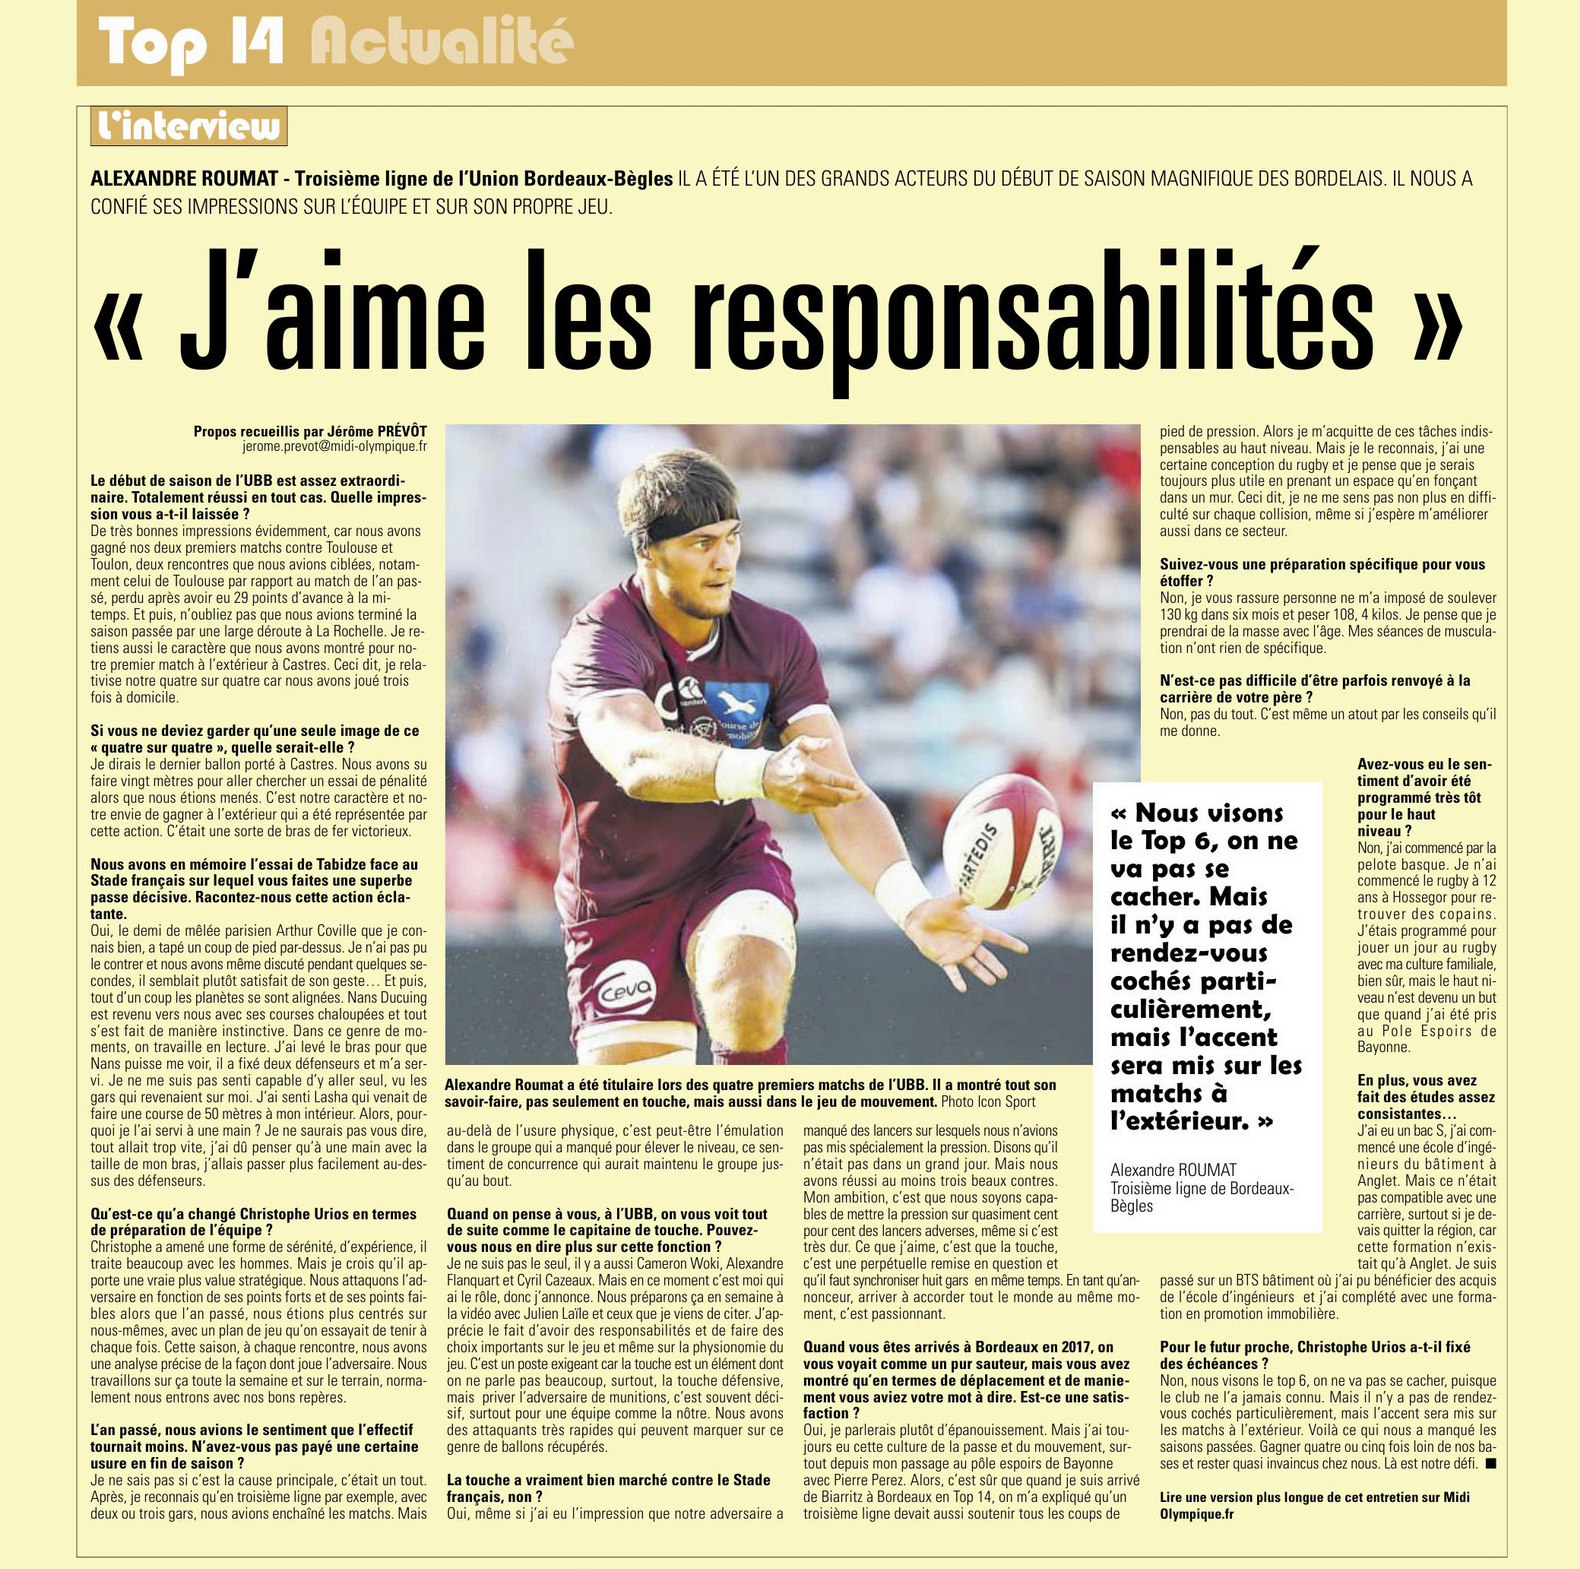 Top14 - 5ème journée : Montpellier / UBB - Page 4 Captu174